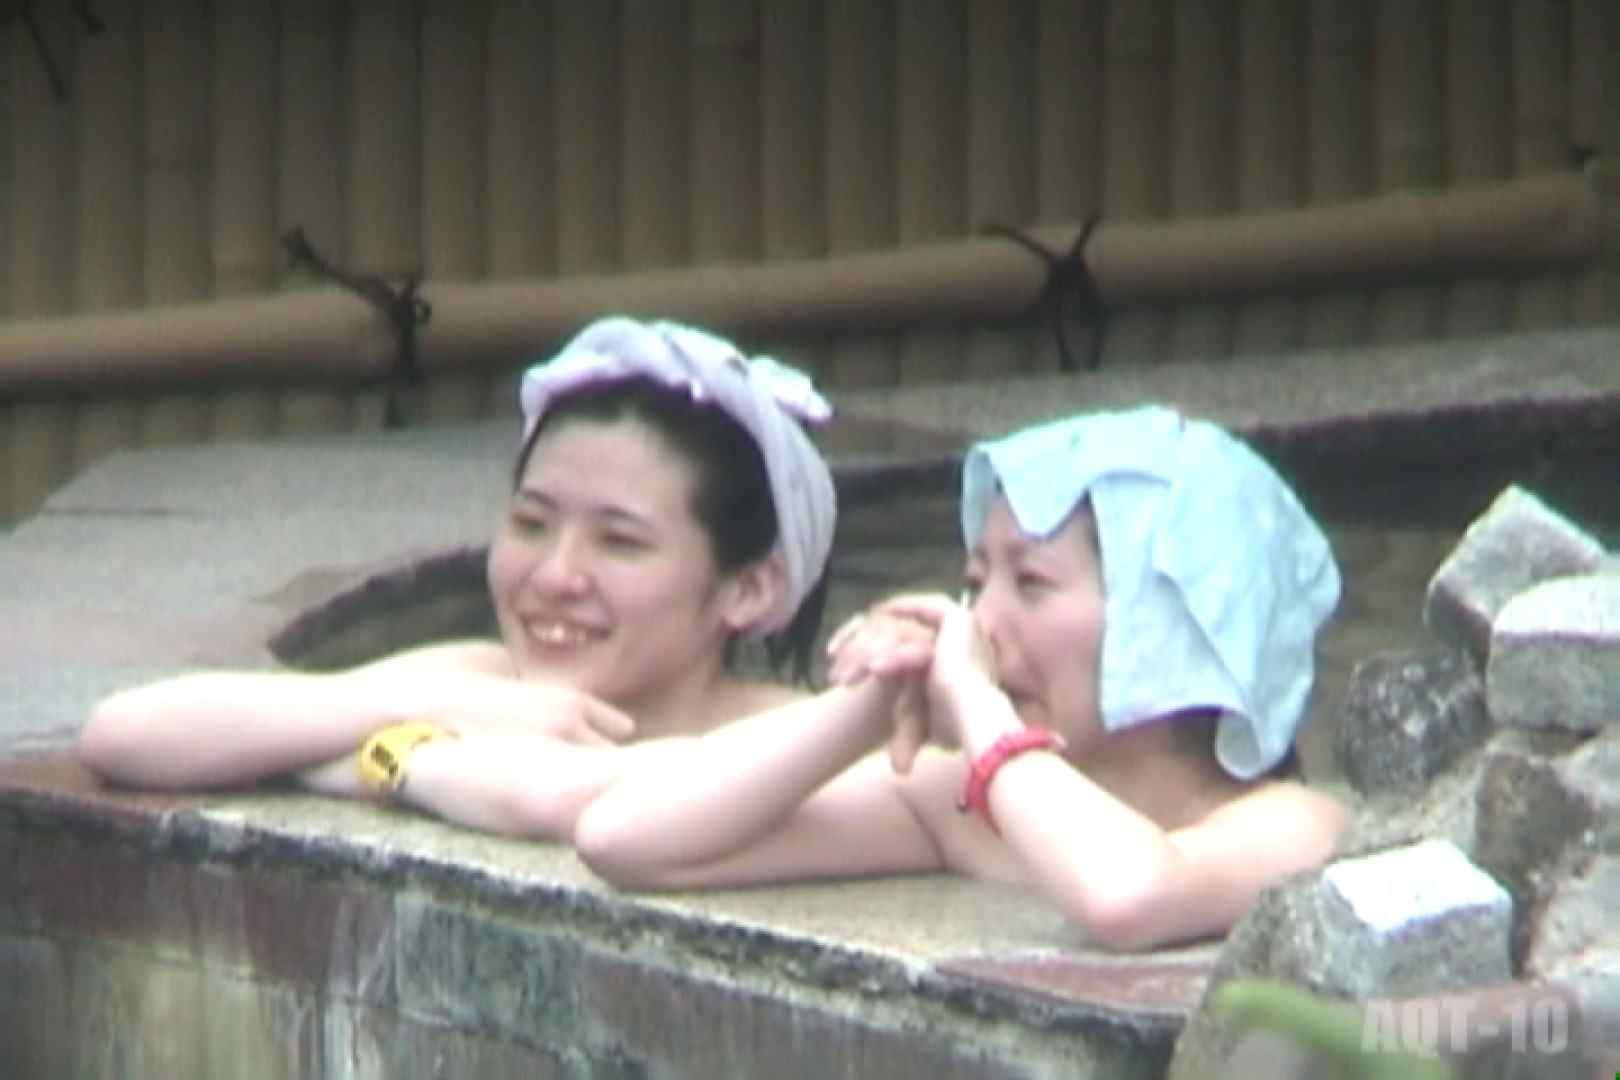 Aquaな露天風呂Vol.793 盗撮 オメコ無修正動画無料 94画像 47